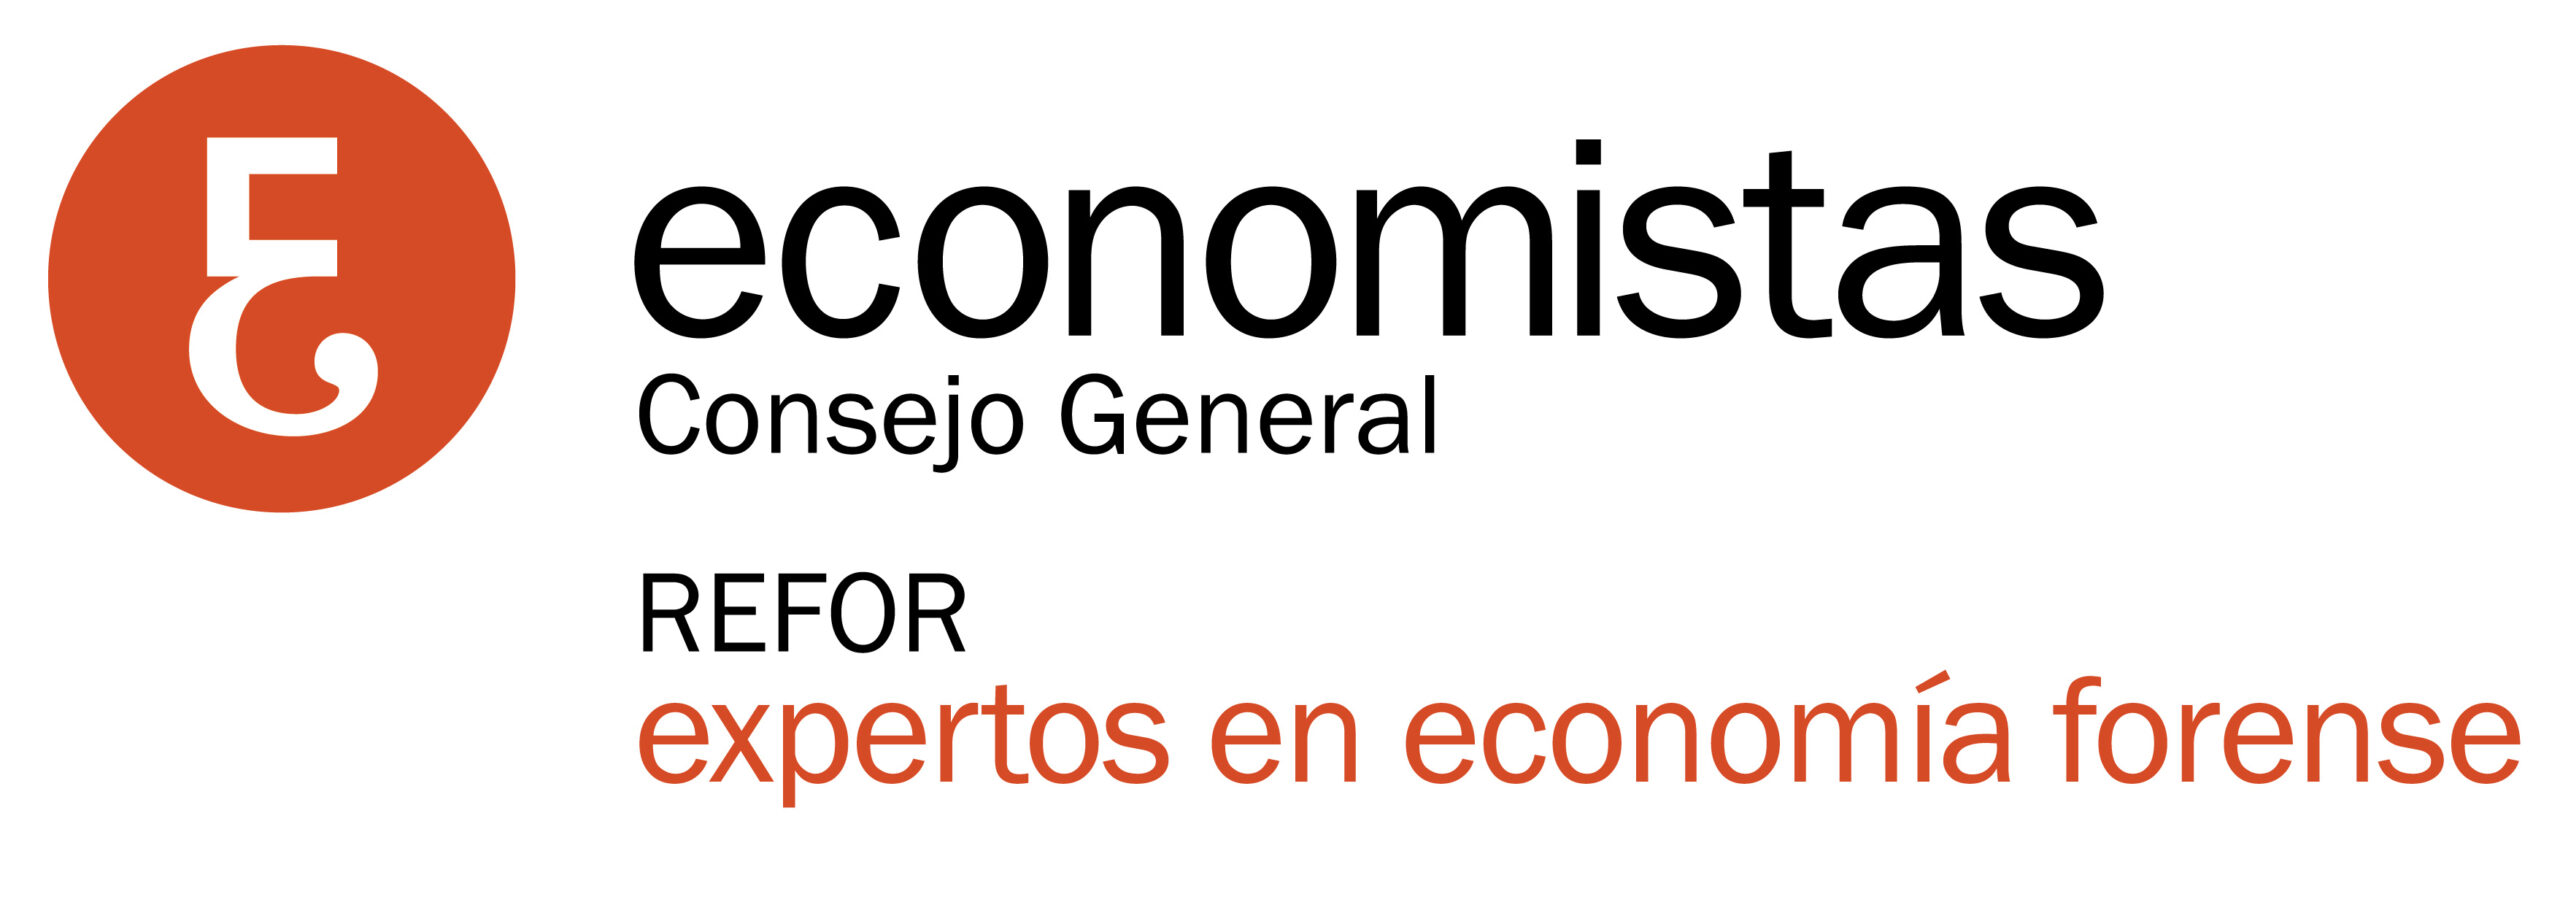 refor logo